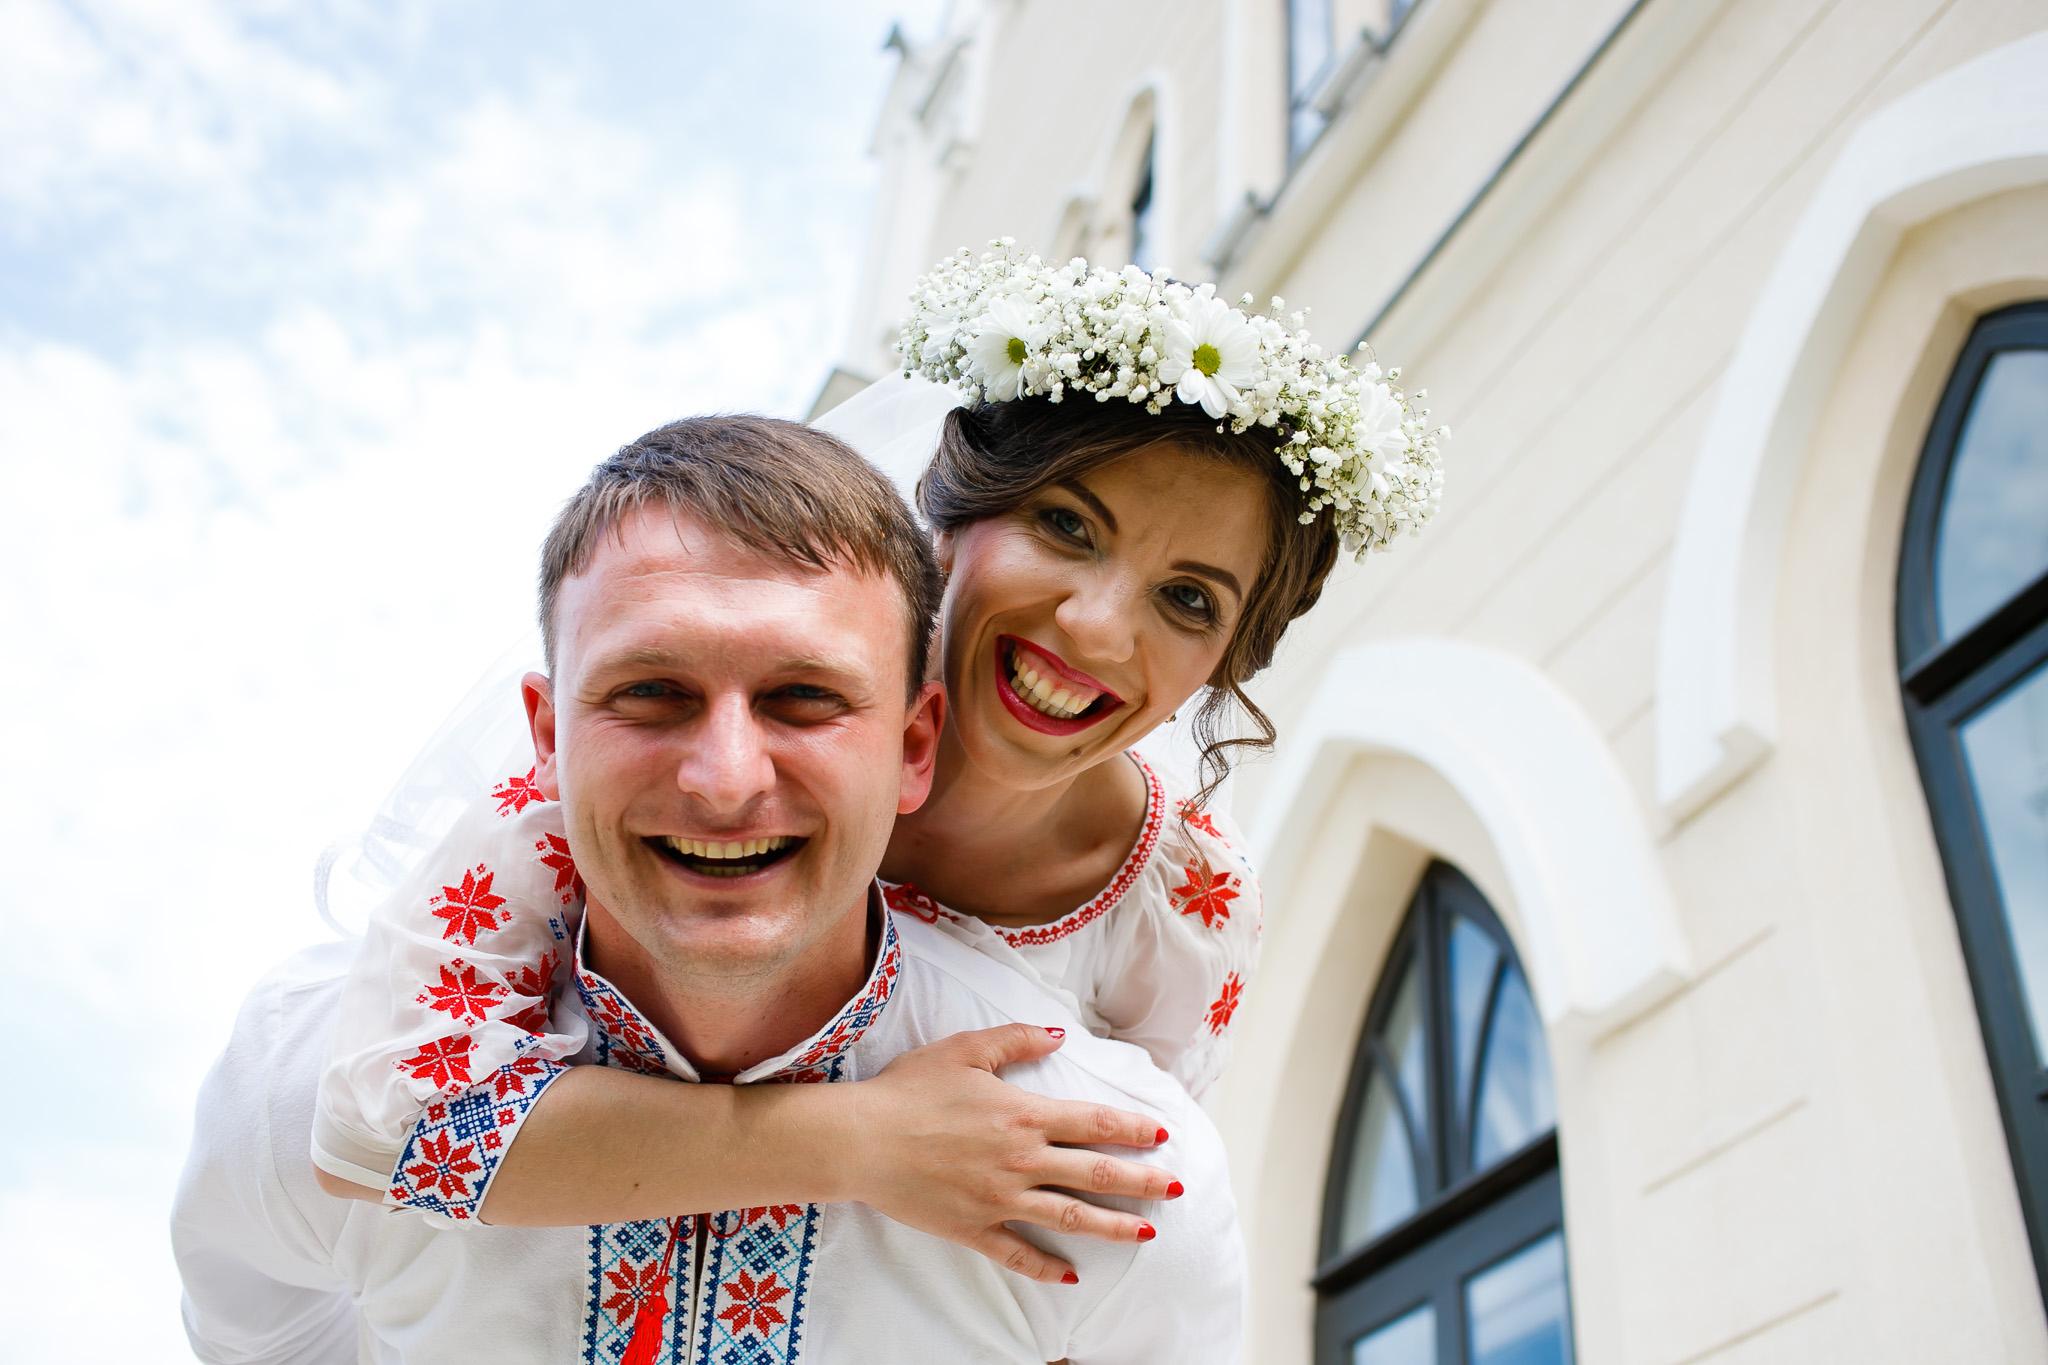 Nuntă tradițională Elisabeta și Alexandru fotograf profesionist nunta Iasi www.paulpadurariu.ro © 2018 Paul Padurariu fotograf de nunta Iasi sedinta foto miri 11